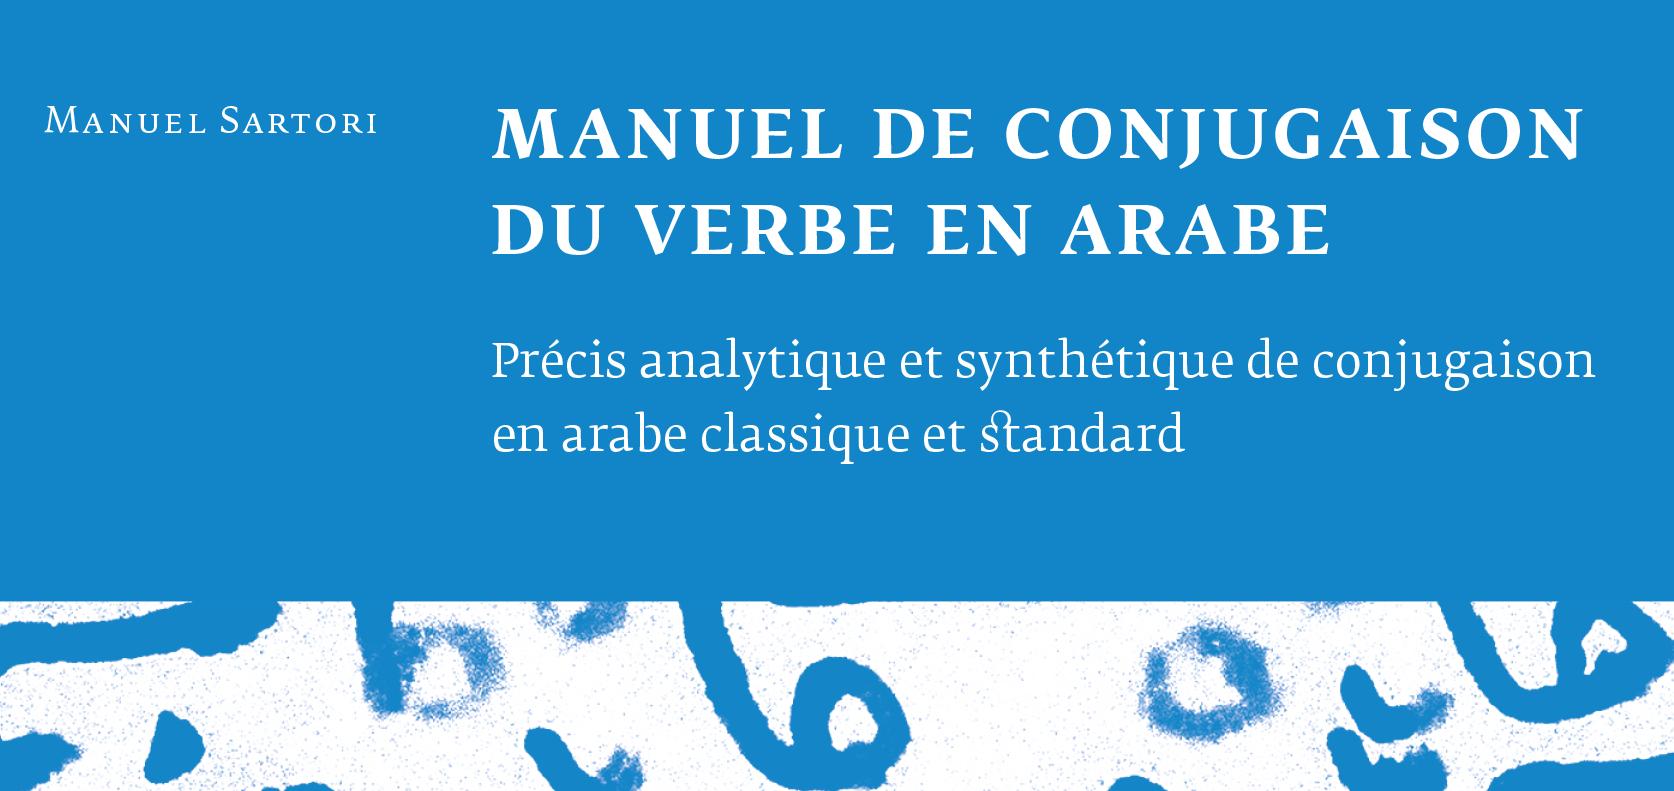 Manuel De Conjugaison Du Verbe En Arabe Diacritiques Editions